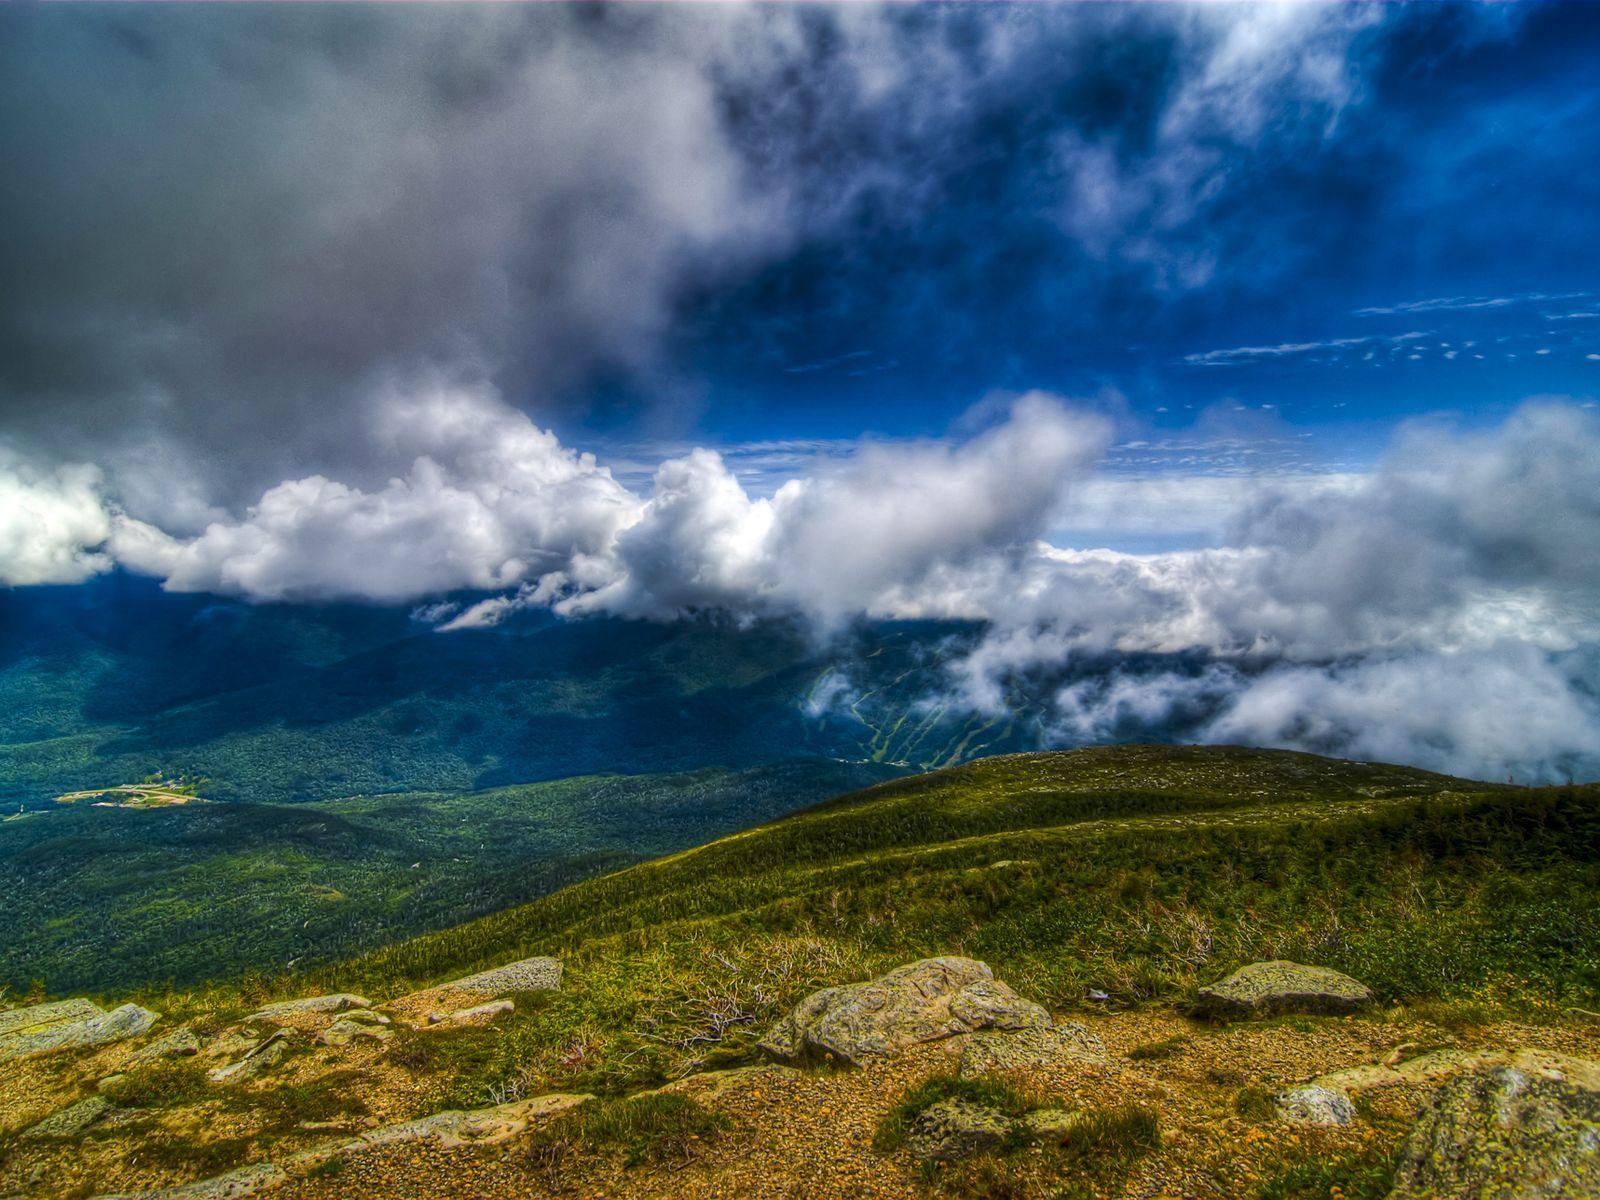 Fond d cran hd paysage montagne paysages nature for Photo nature hd gratuit